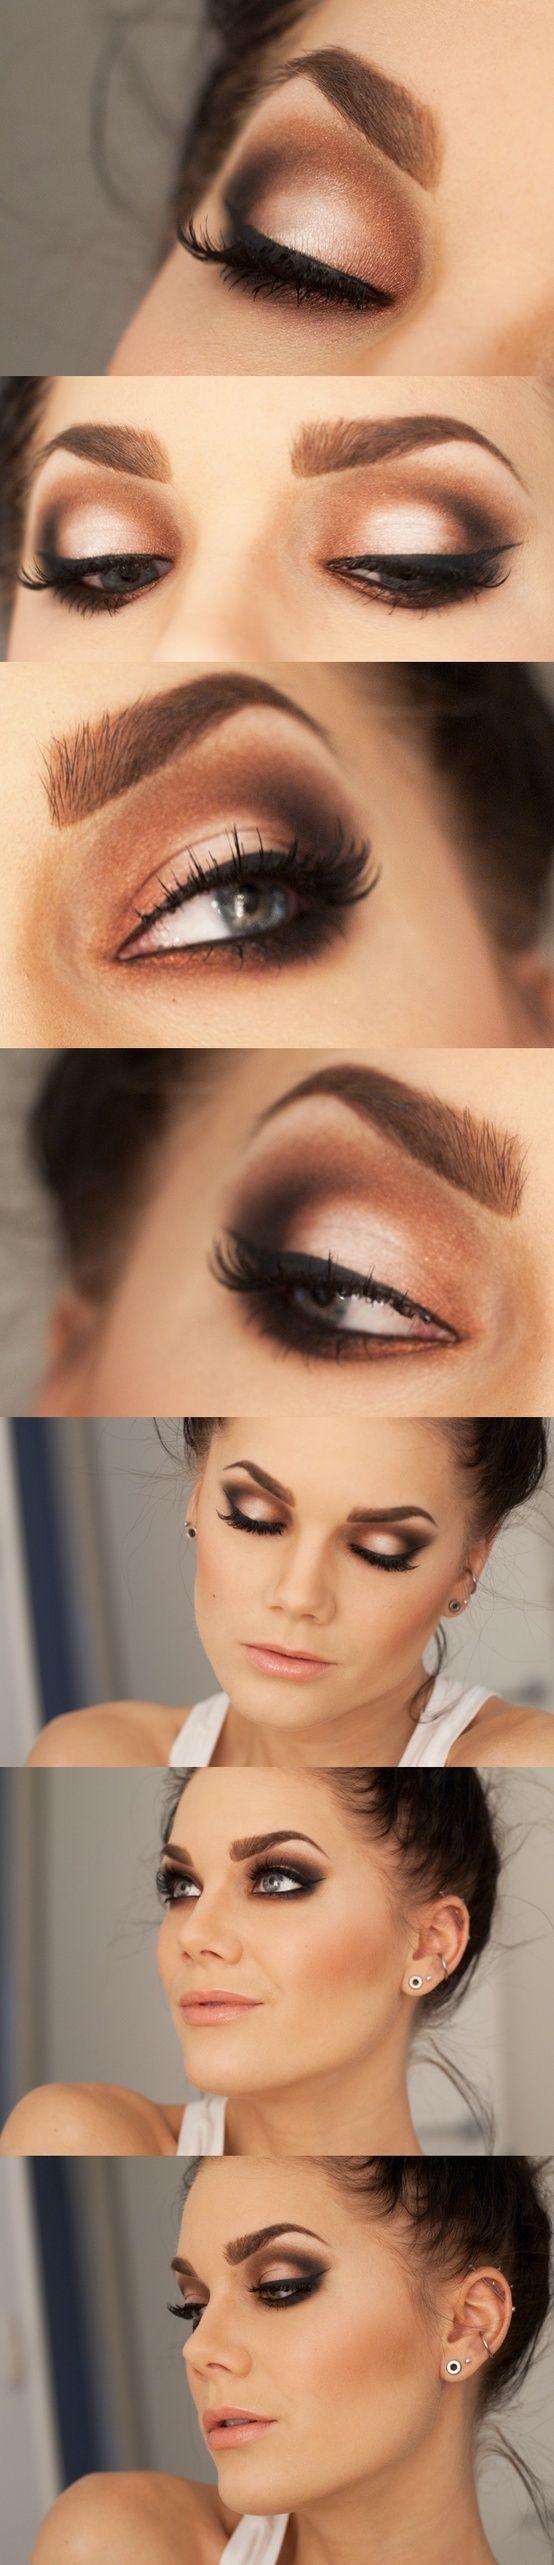 Bridal Makeup2013 4fc642d5e60103986dc0